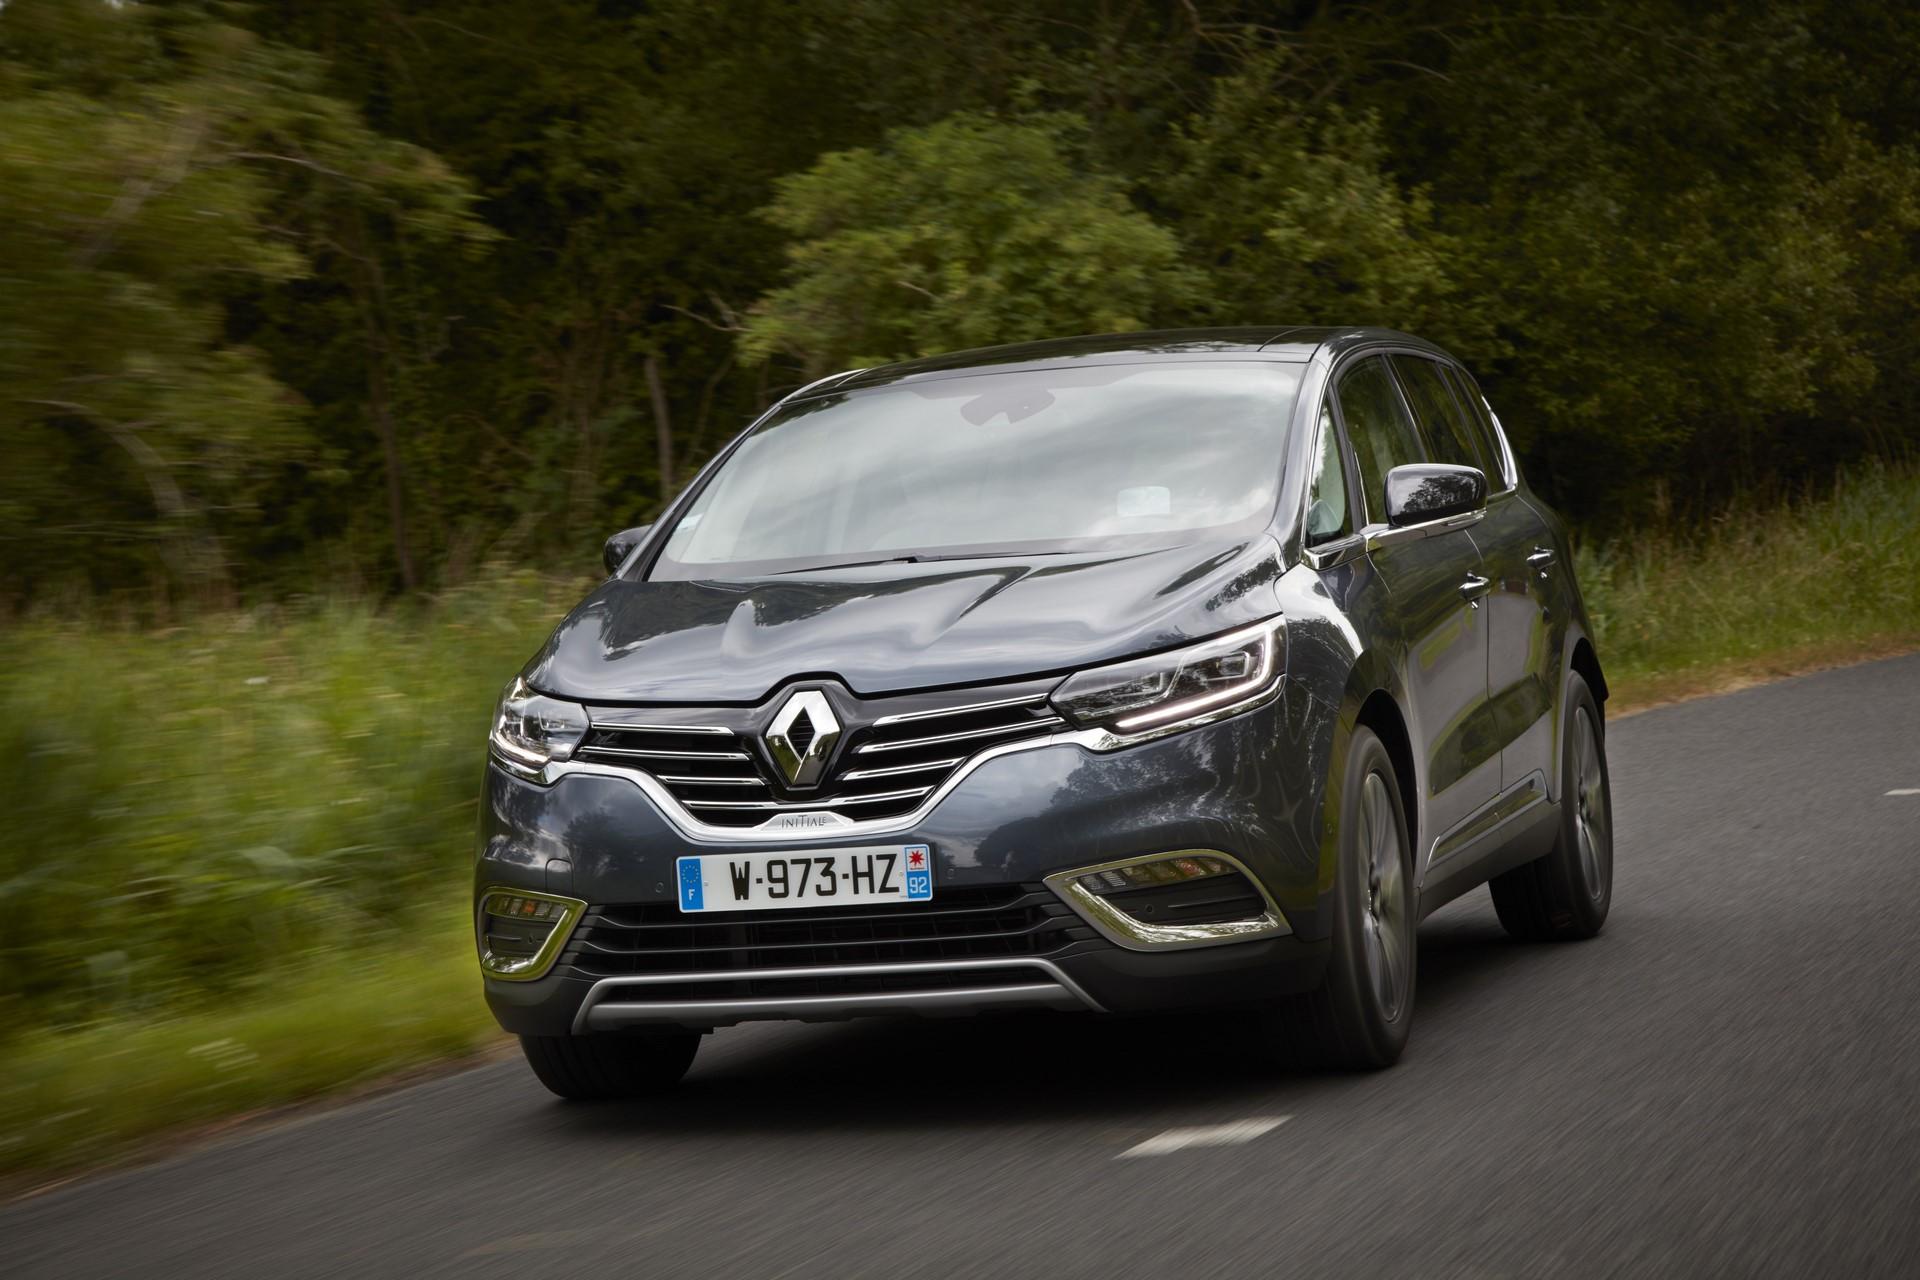 Renault_93203_global_en